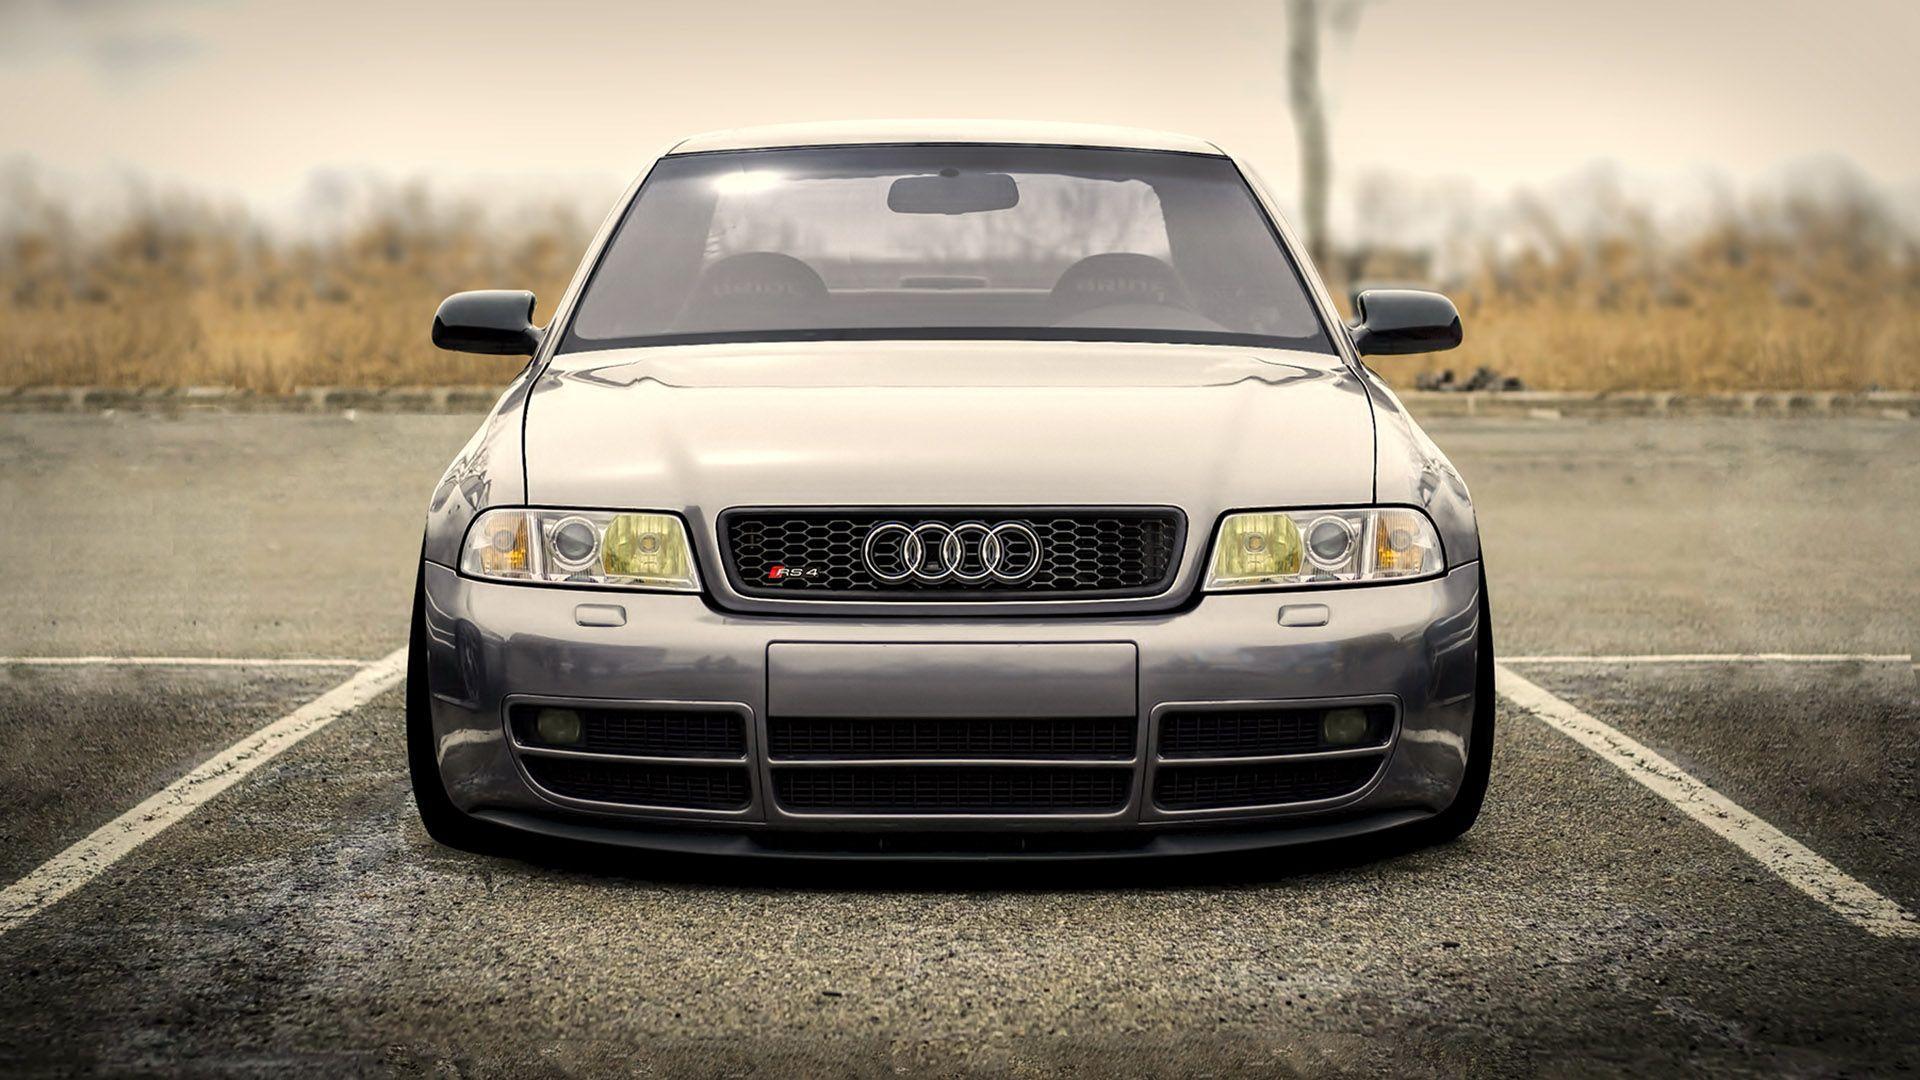 Kelebihan Kekurangan Audi B5 Review